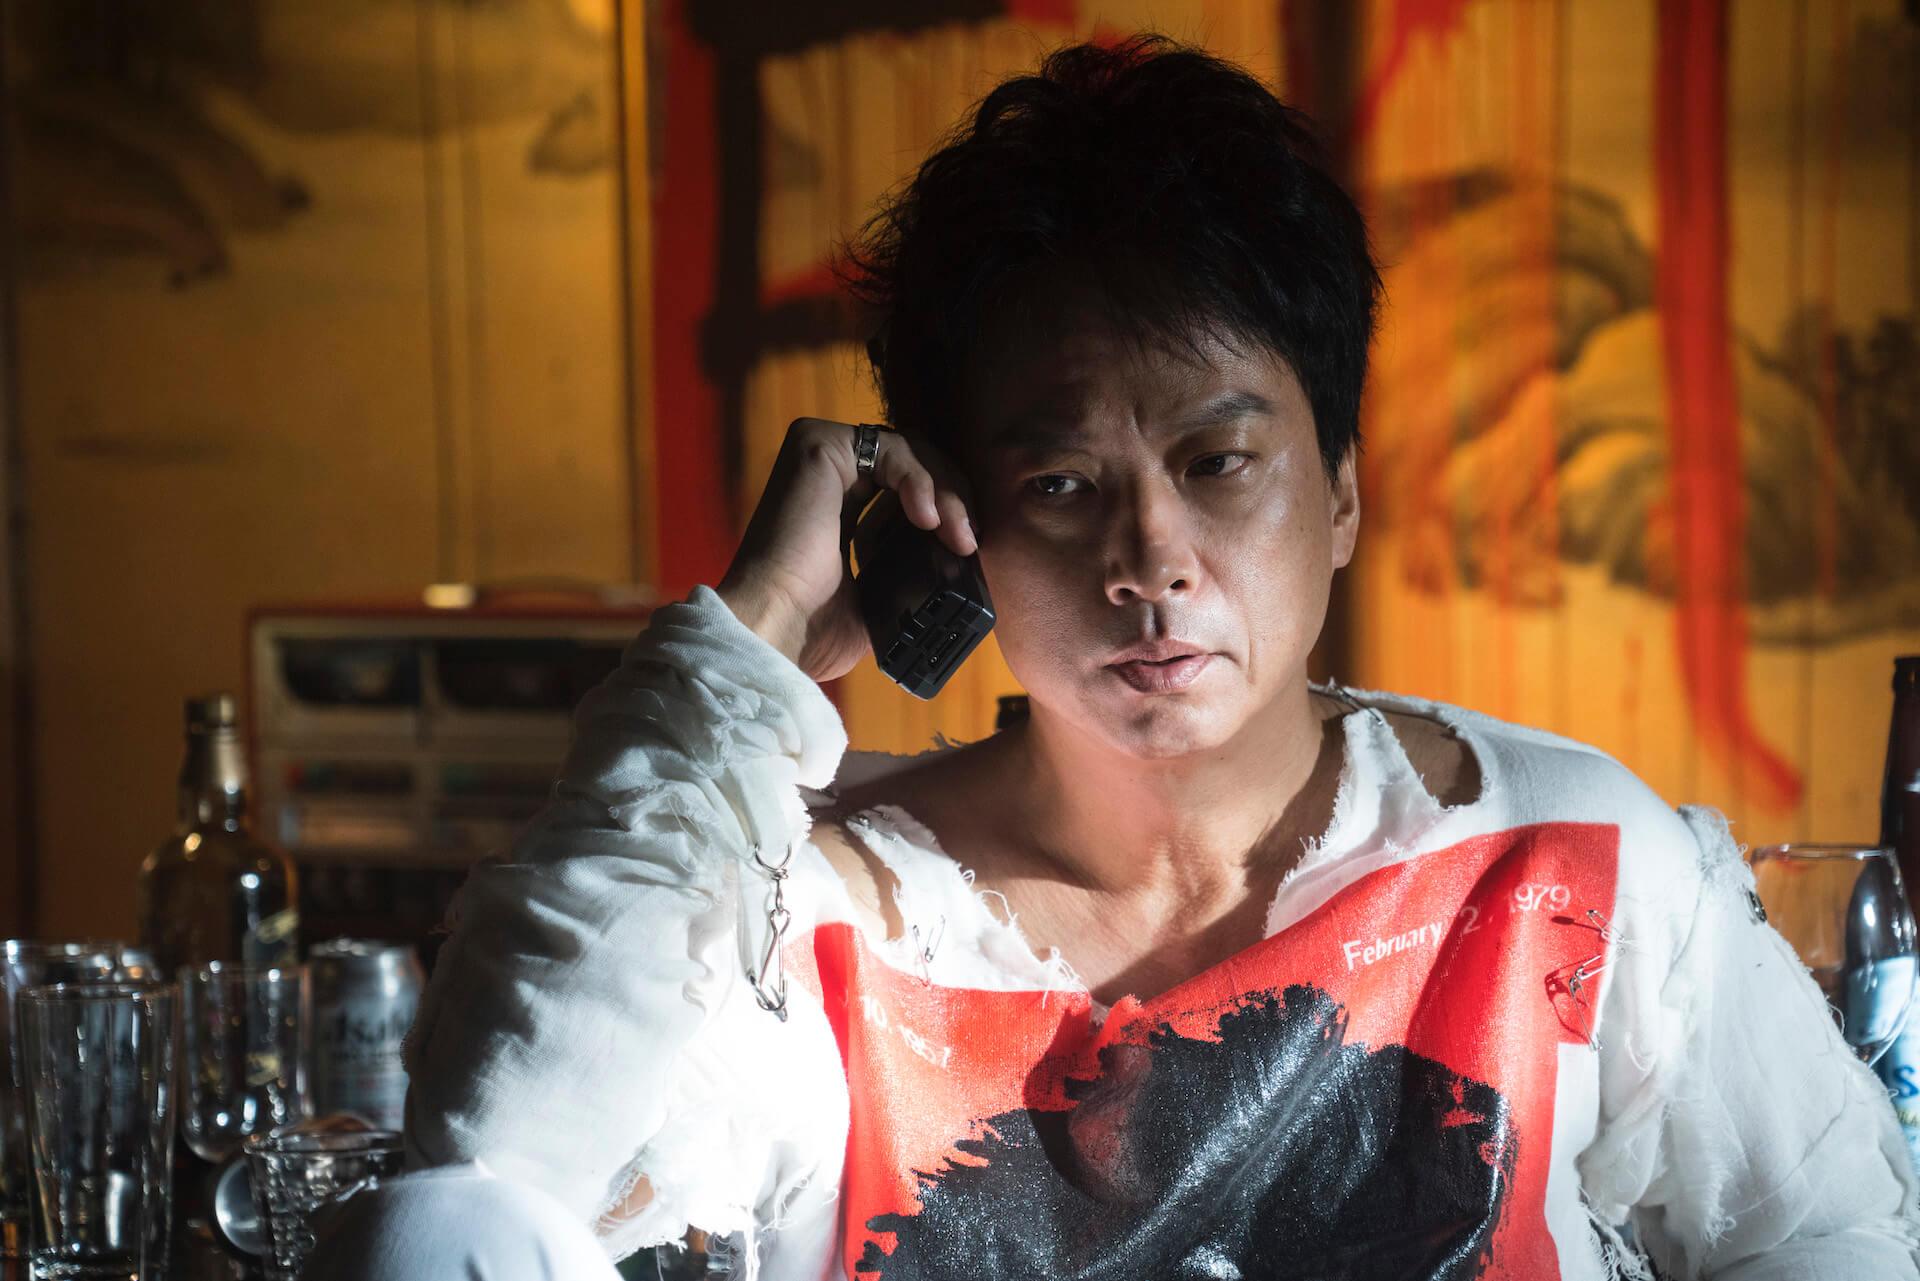 園子温監督のNetflixドラマシリーズ版『愛なき森で叫べ:Deep Cut』が配信決定!映画では未公開のシーンも追加 video200403_ainakimoridesakebe_01